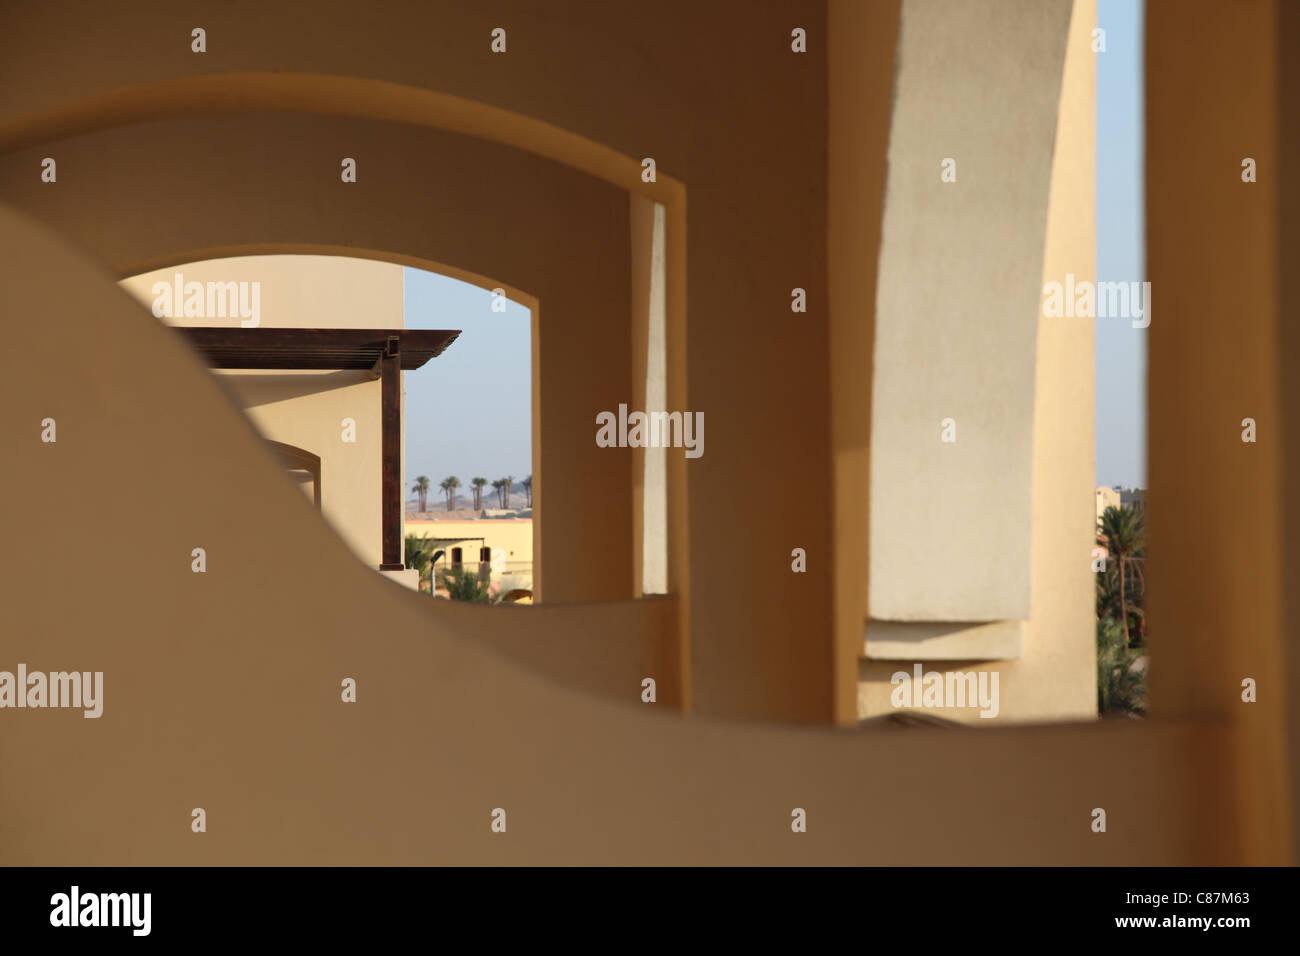 Wüstenarchitektur, Wüste Architektur, Ägypten, Ägypten Stockbild